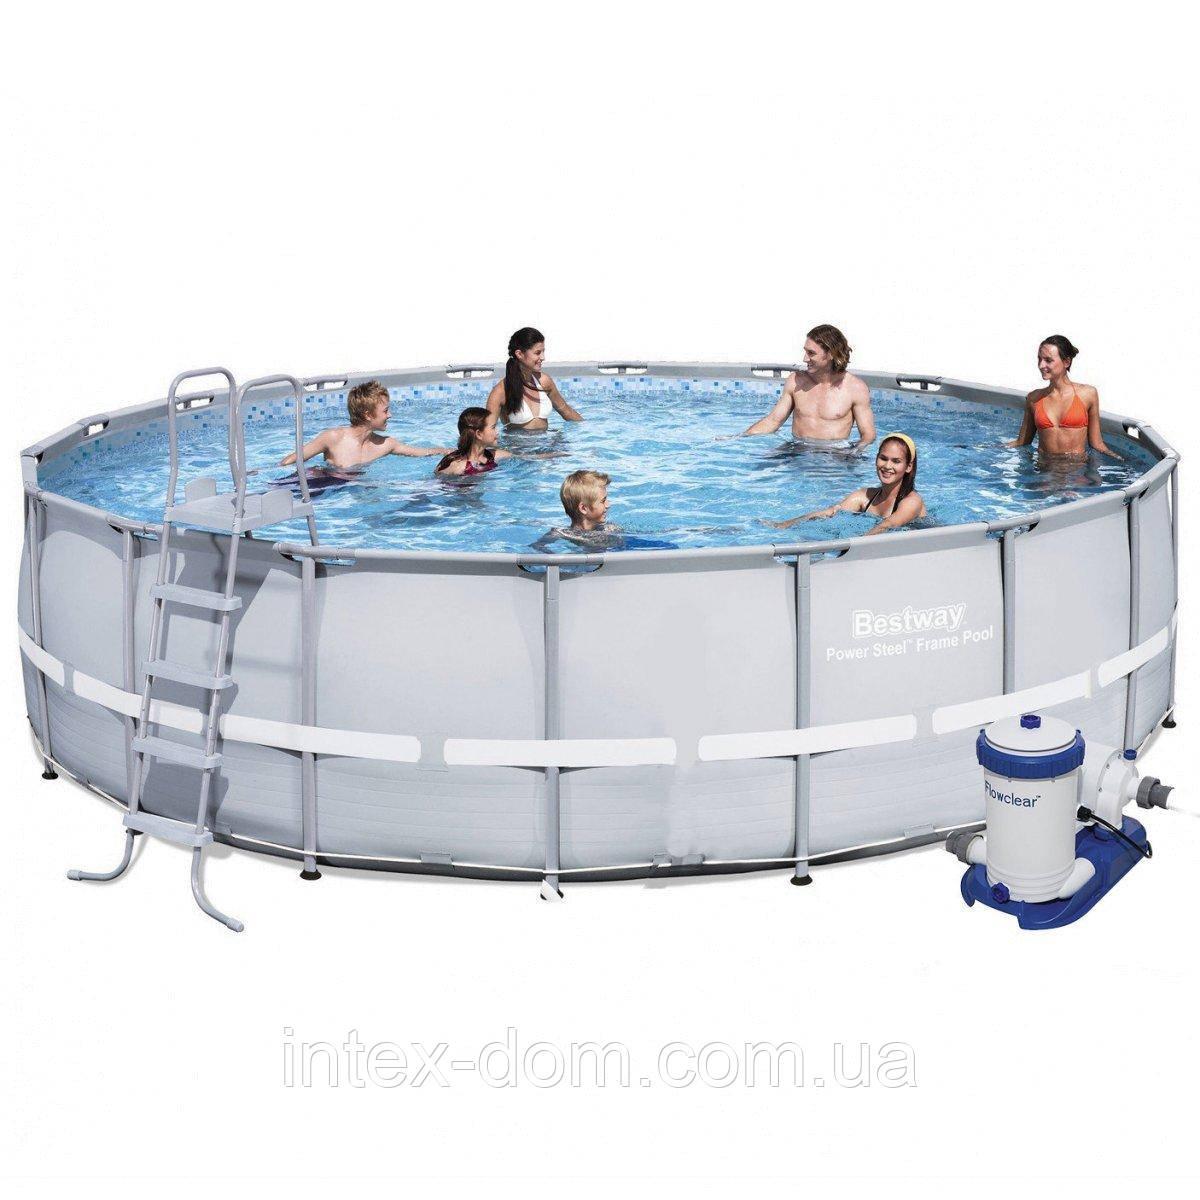 Каркасний басейн 56705, 671 х 132 см (9 463 л/год, сходи, підстилка, тент)